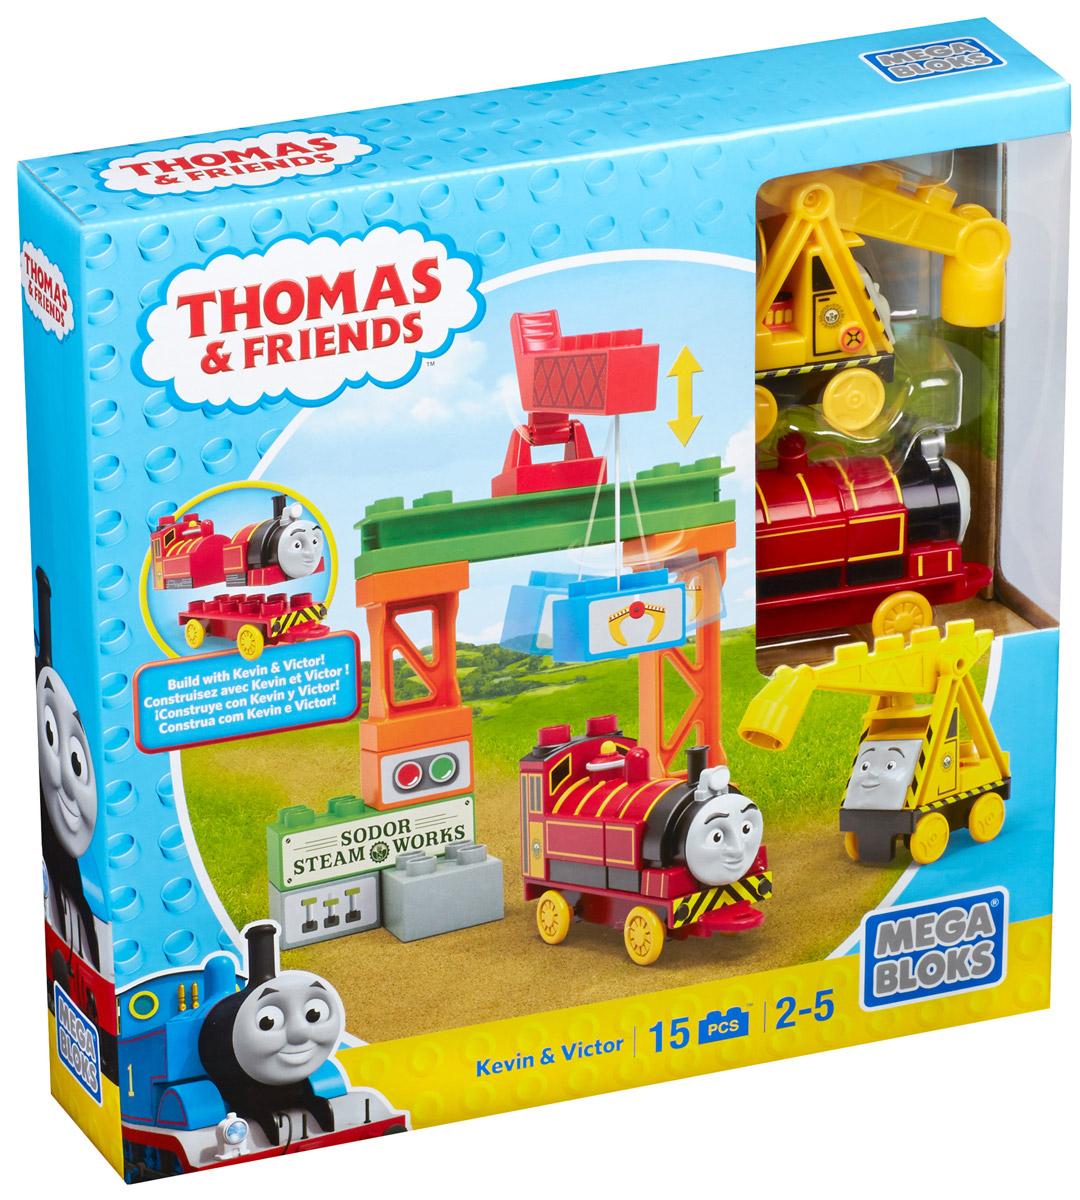 Mega Bloks Thomas & Friends Конструктор Кевин и ВикторCNJ08_CNJ10Конструктор Mega Bloks Кевин и Виктор - удивительный подарок для вашего ребенка! Конструкторы Mega Bloks - это новые горизонты творчества. Каждый из наборов - это завершенная конструкция, имеющая некий сюжет. Этот конструктор входит в серию наборов Thomas & Friends, созданных по одноименному мультфильму. Томас и его верная команда помогают жителям городка: привозят почту, чинят железнодорожные пути и возят пассажиров к пунктам назначения. В наборе 15 элементов конструктора, из которых можно собрать грузовую станцию Содор с работающим погрузчиком. Набор дополнен яркими детализированными стикерами. Все элементы конструктора совместимы с другими сборными паровозами из этой серии. Воссоздайте для своего маленького машиниста его любимые истории о приключениях паровозиков острова Содор или придумайте свою собственную. Идеальная игрушка для детей в возрасте от 2 до 5 лет.